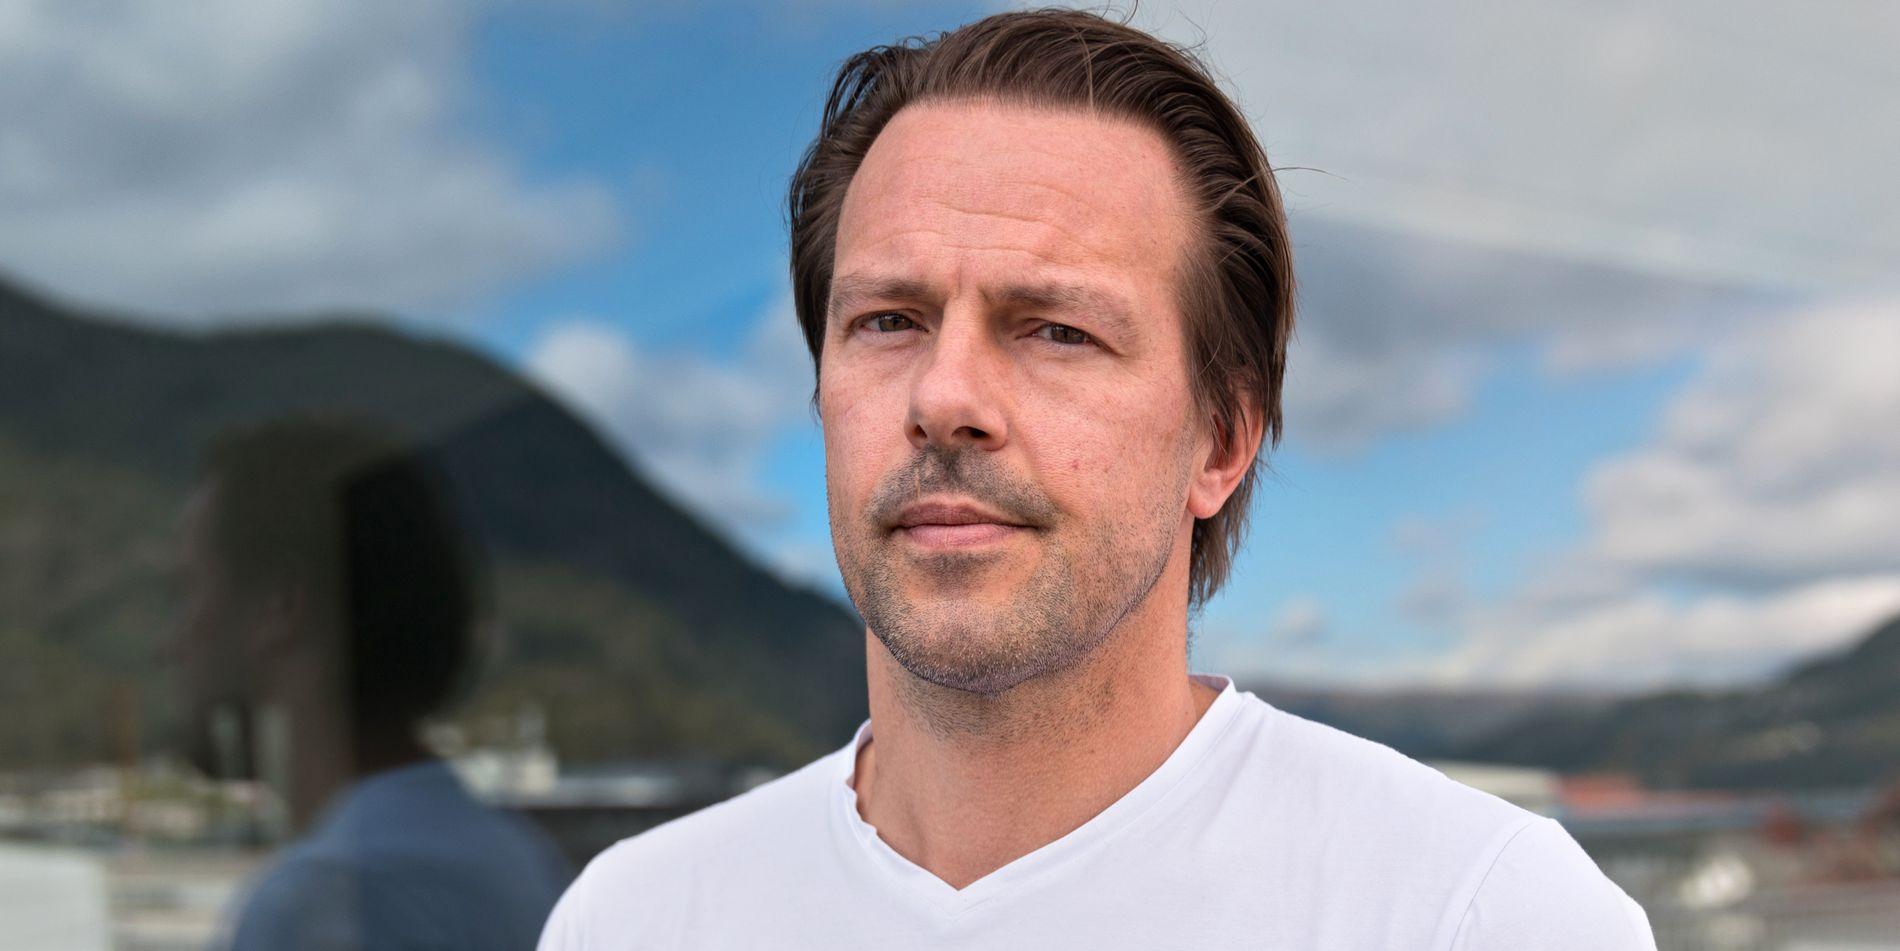 KOMMUNEOVERLEGE I FØRDE: Øystein Furnes.